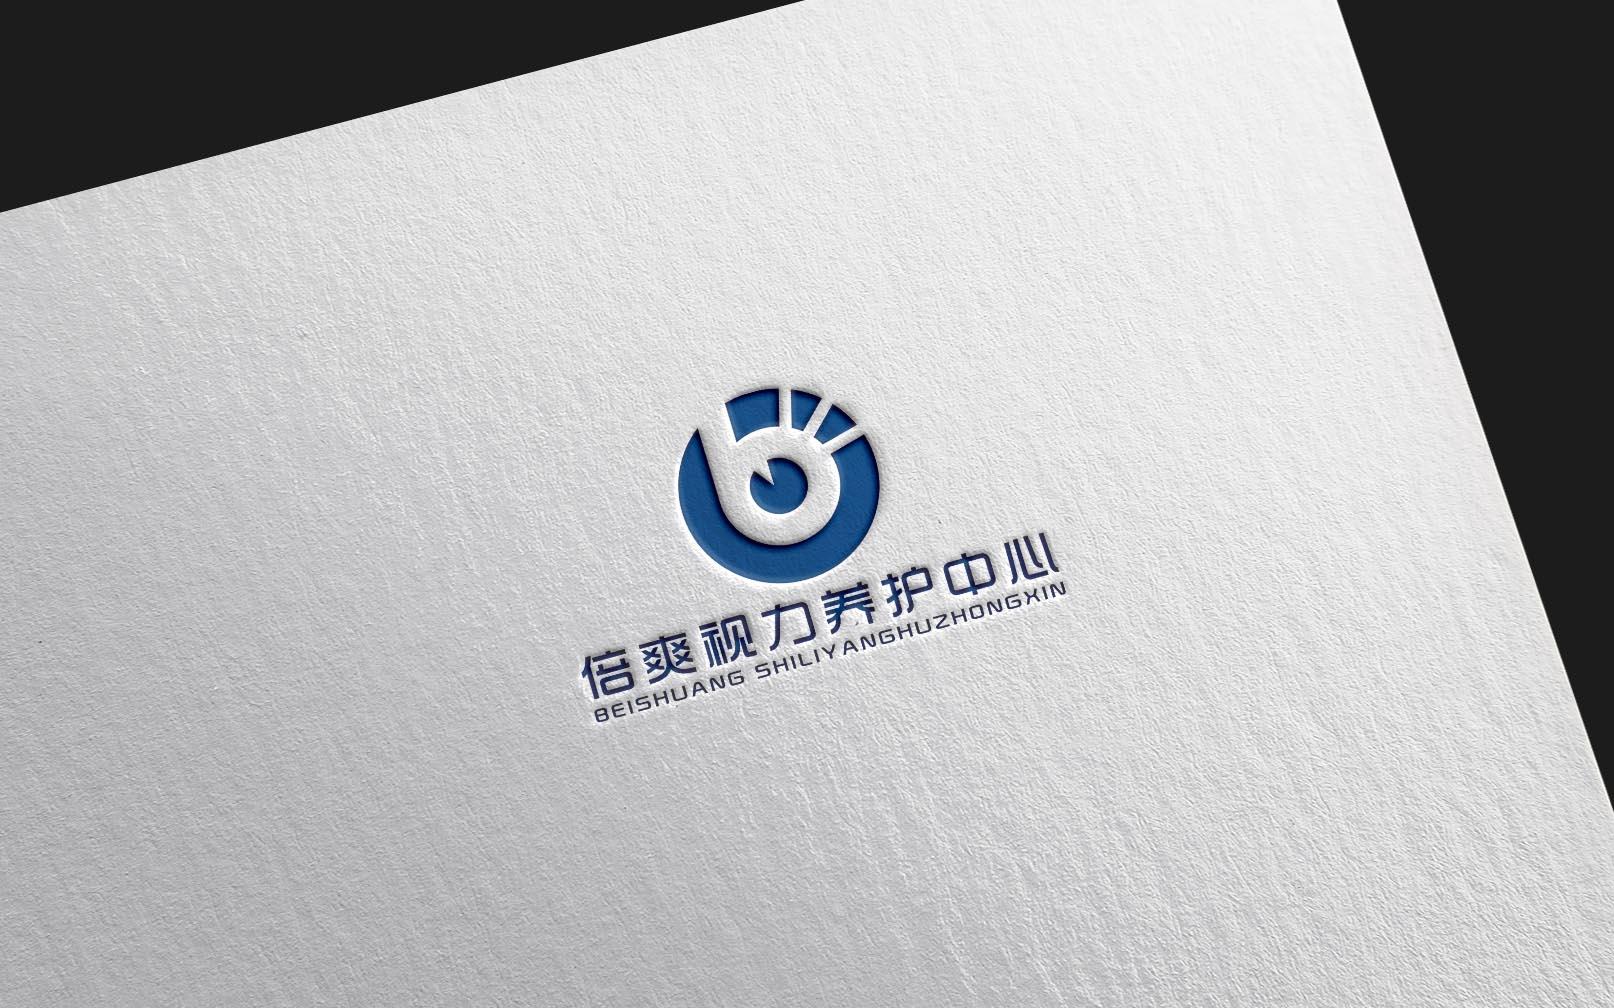 义乌倍爽视力养护中心logo设计_2994690_k68威客网